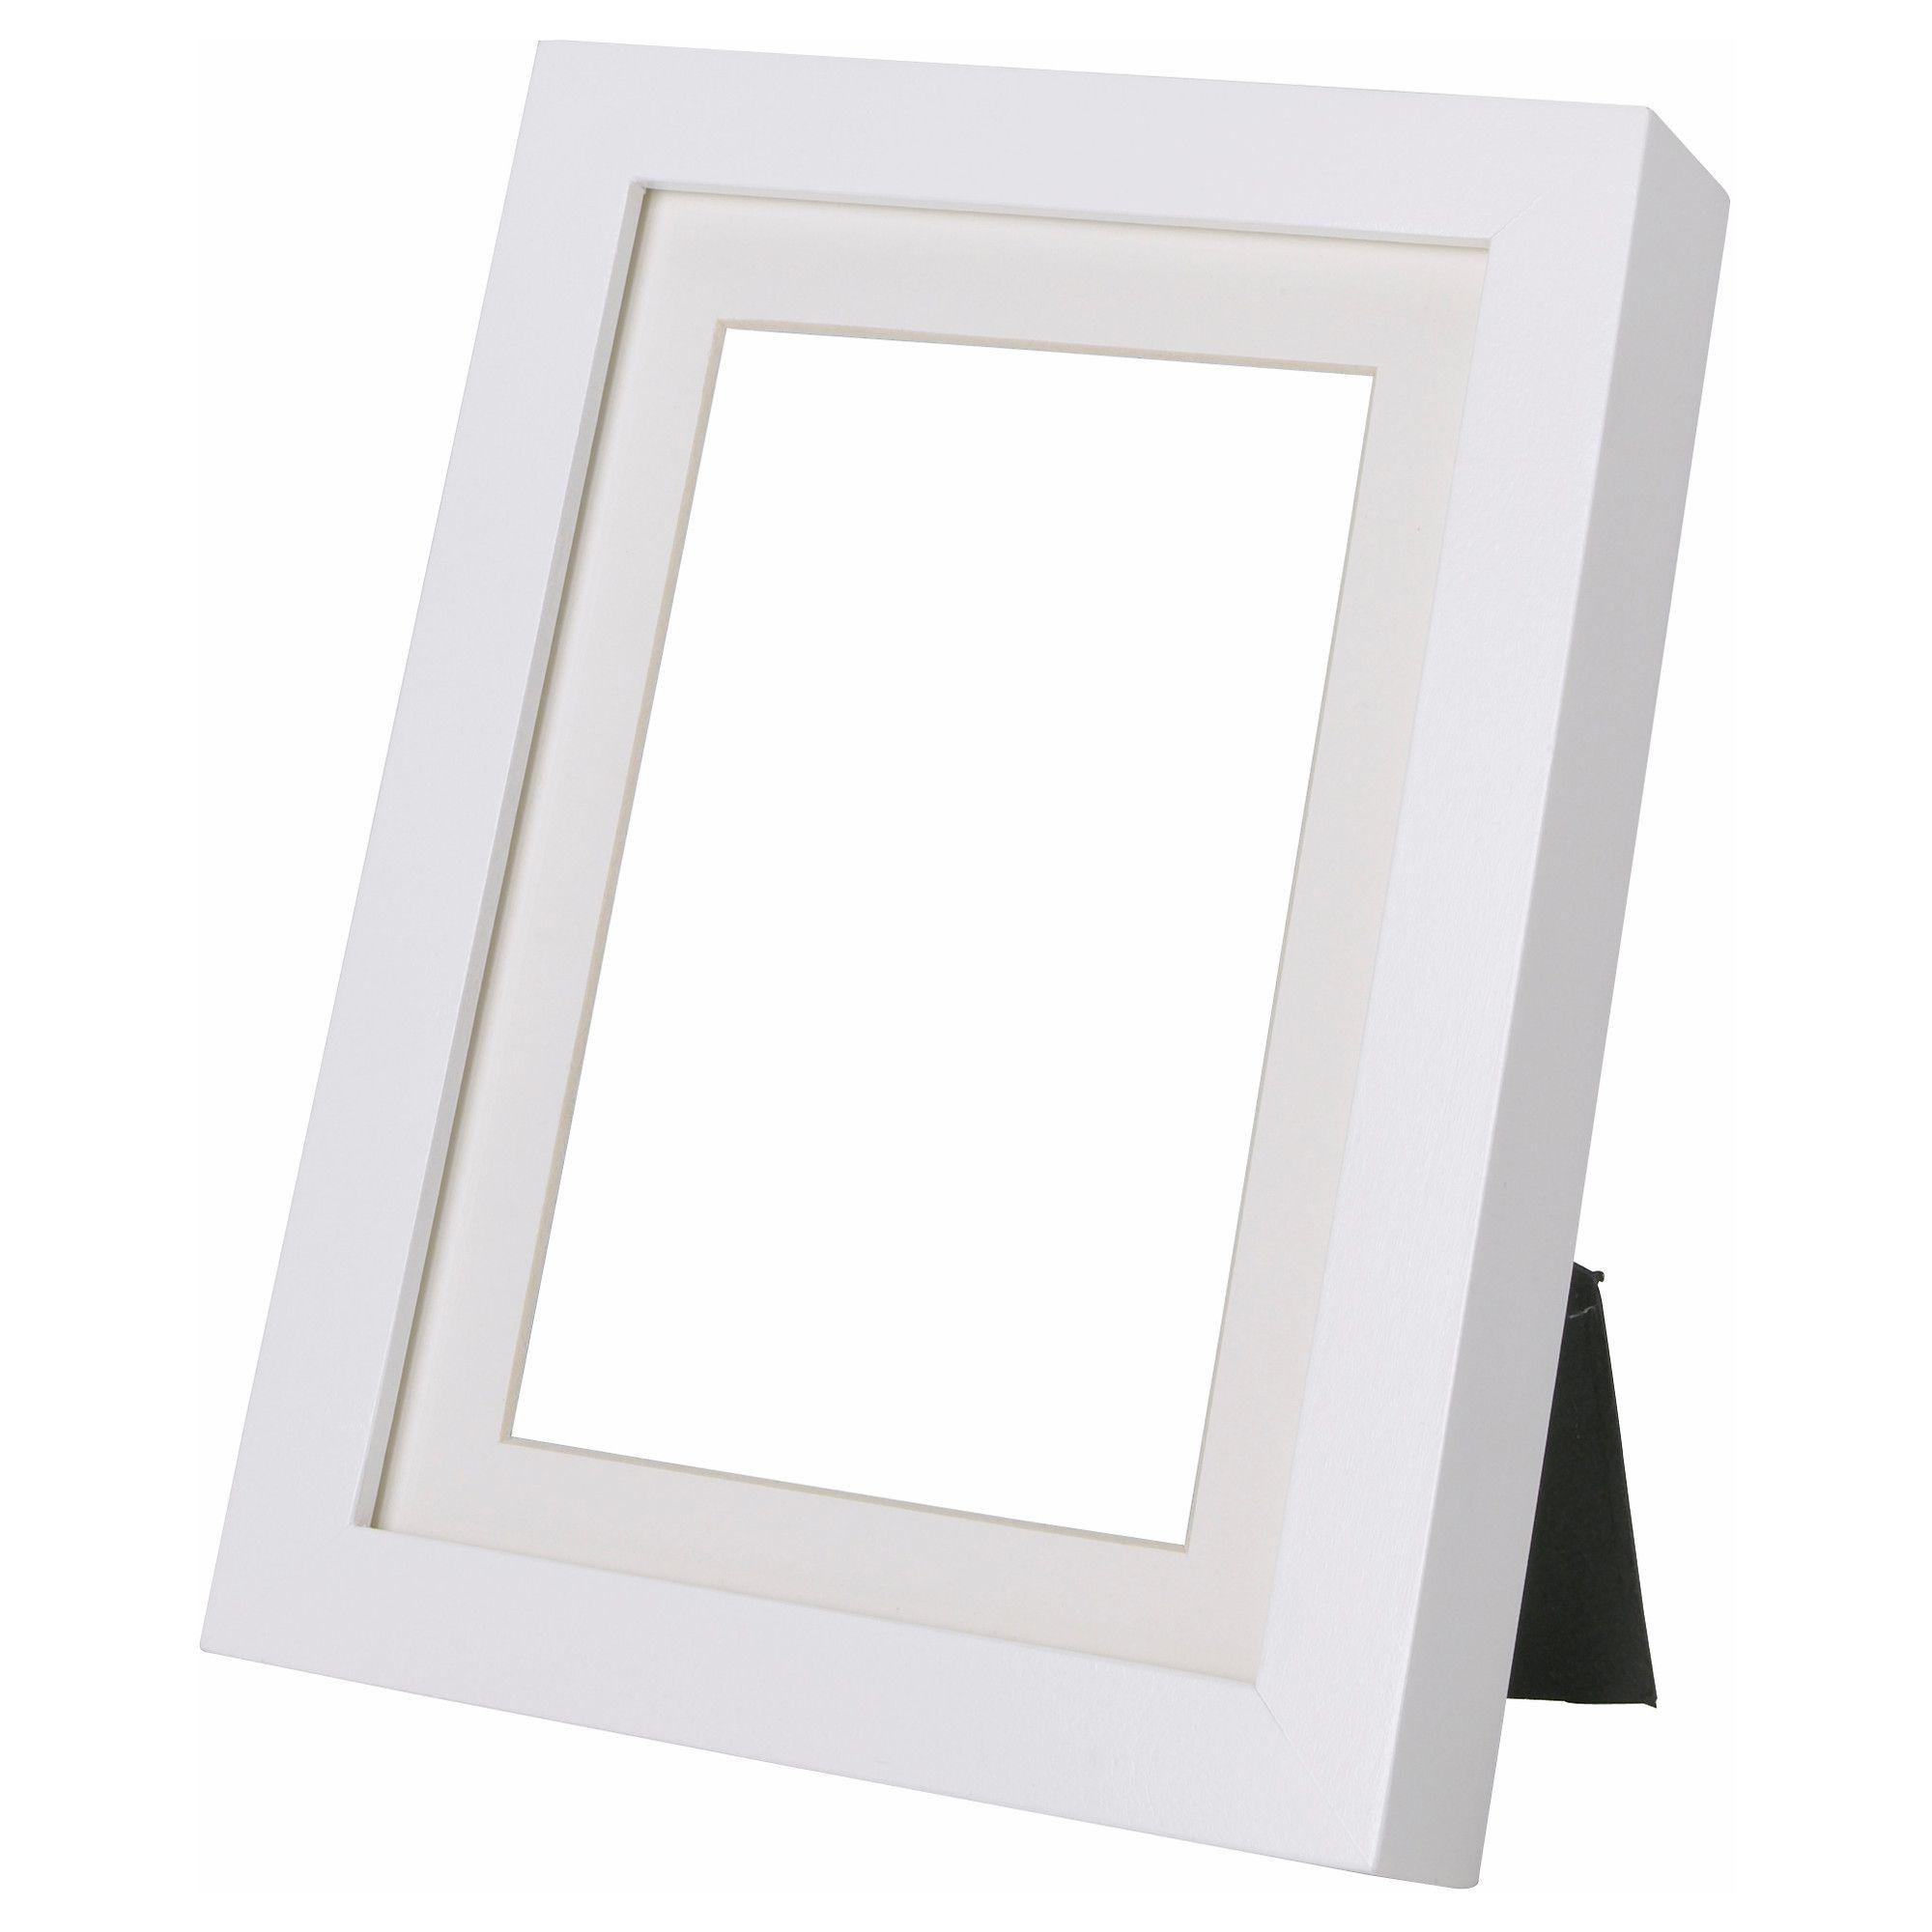 RIBBA Frame, white | Home Decor | Pinterest | Frame, Ribba frame and ...